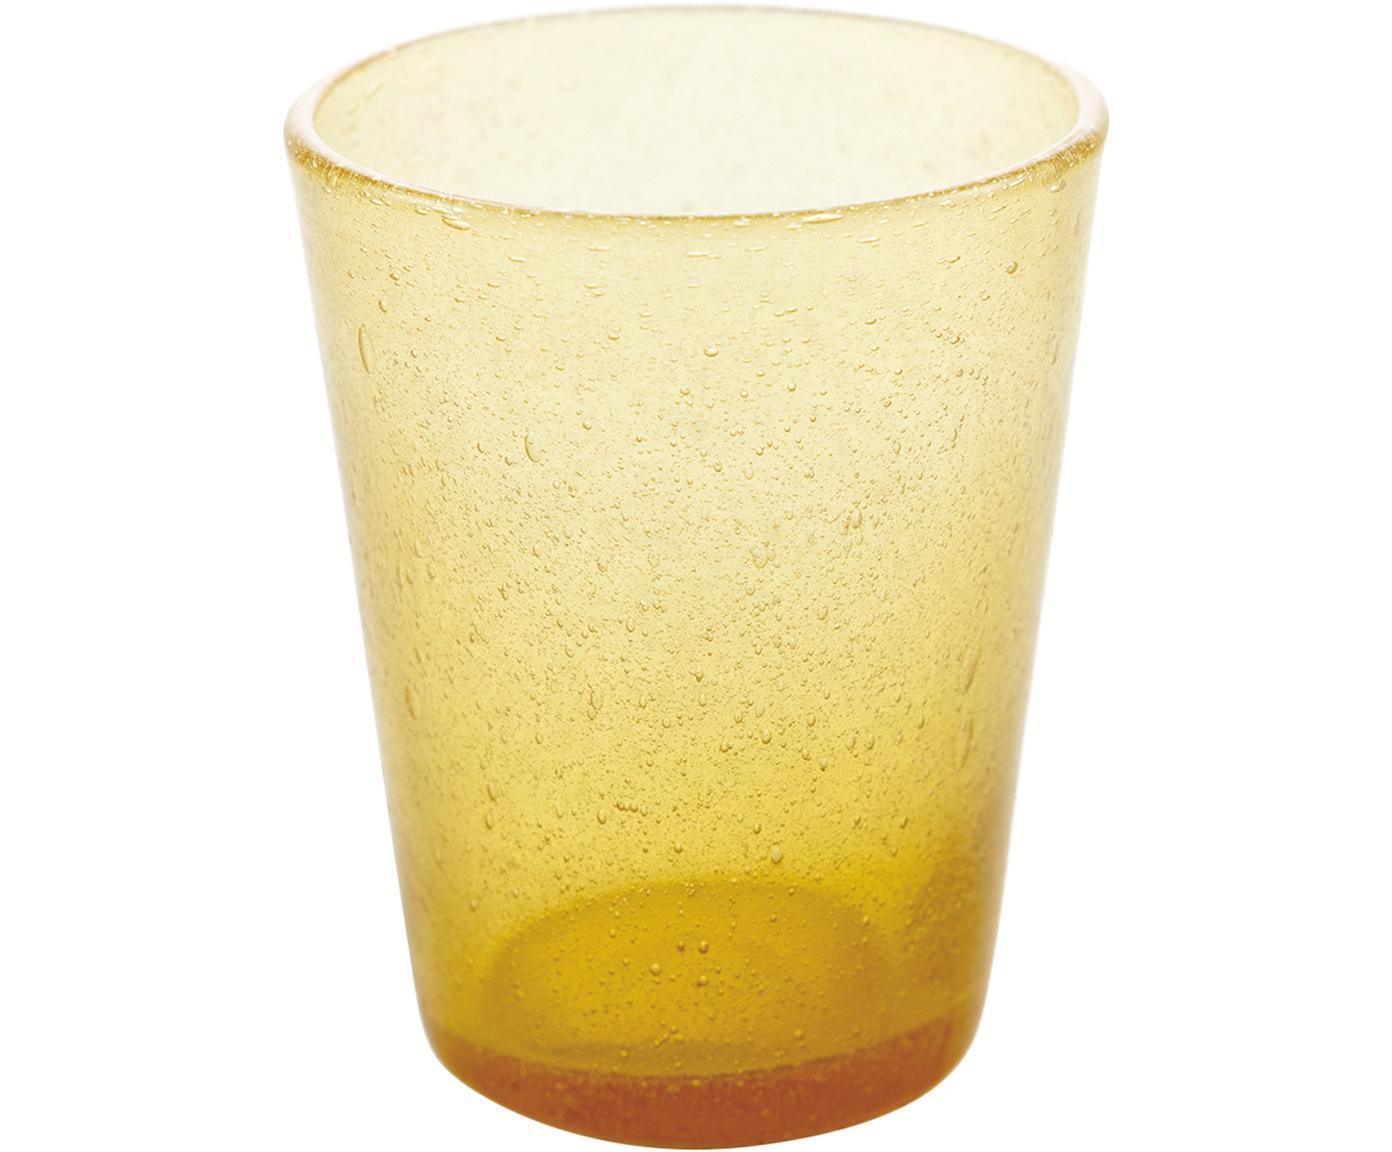 Vasos de vidrio soplado Cancun, 6uds., Vidrio soplado artesanalmente, Amarillo, Ø 9 x Al 10 cm